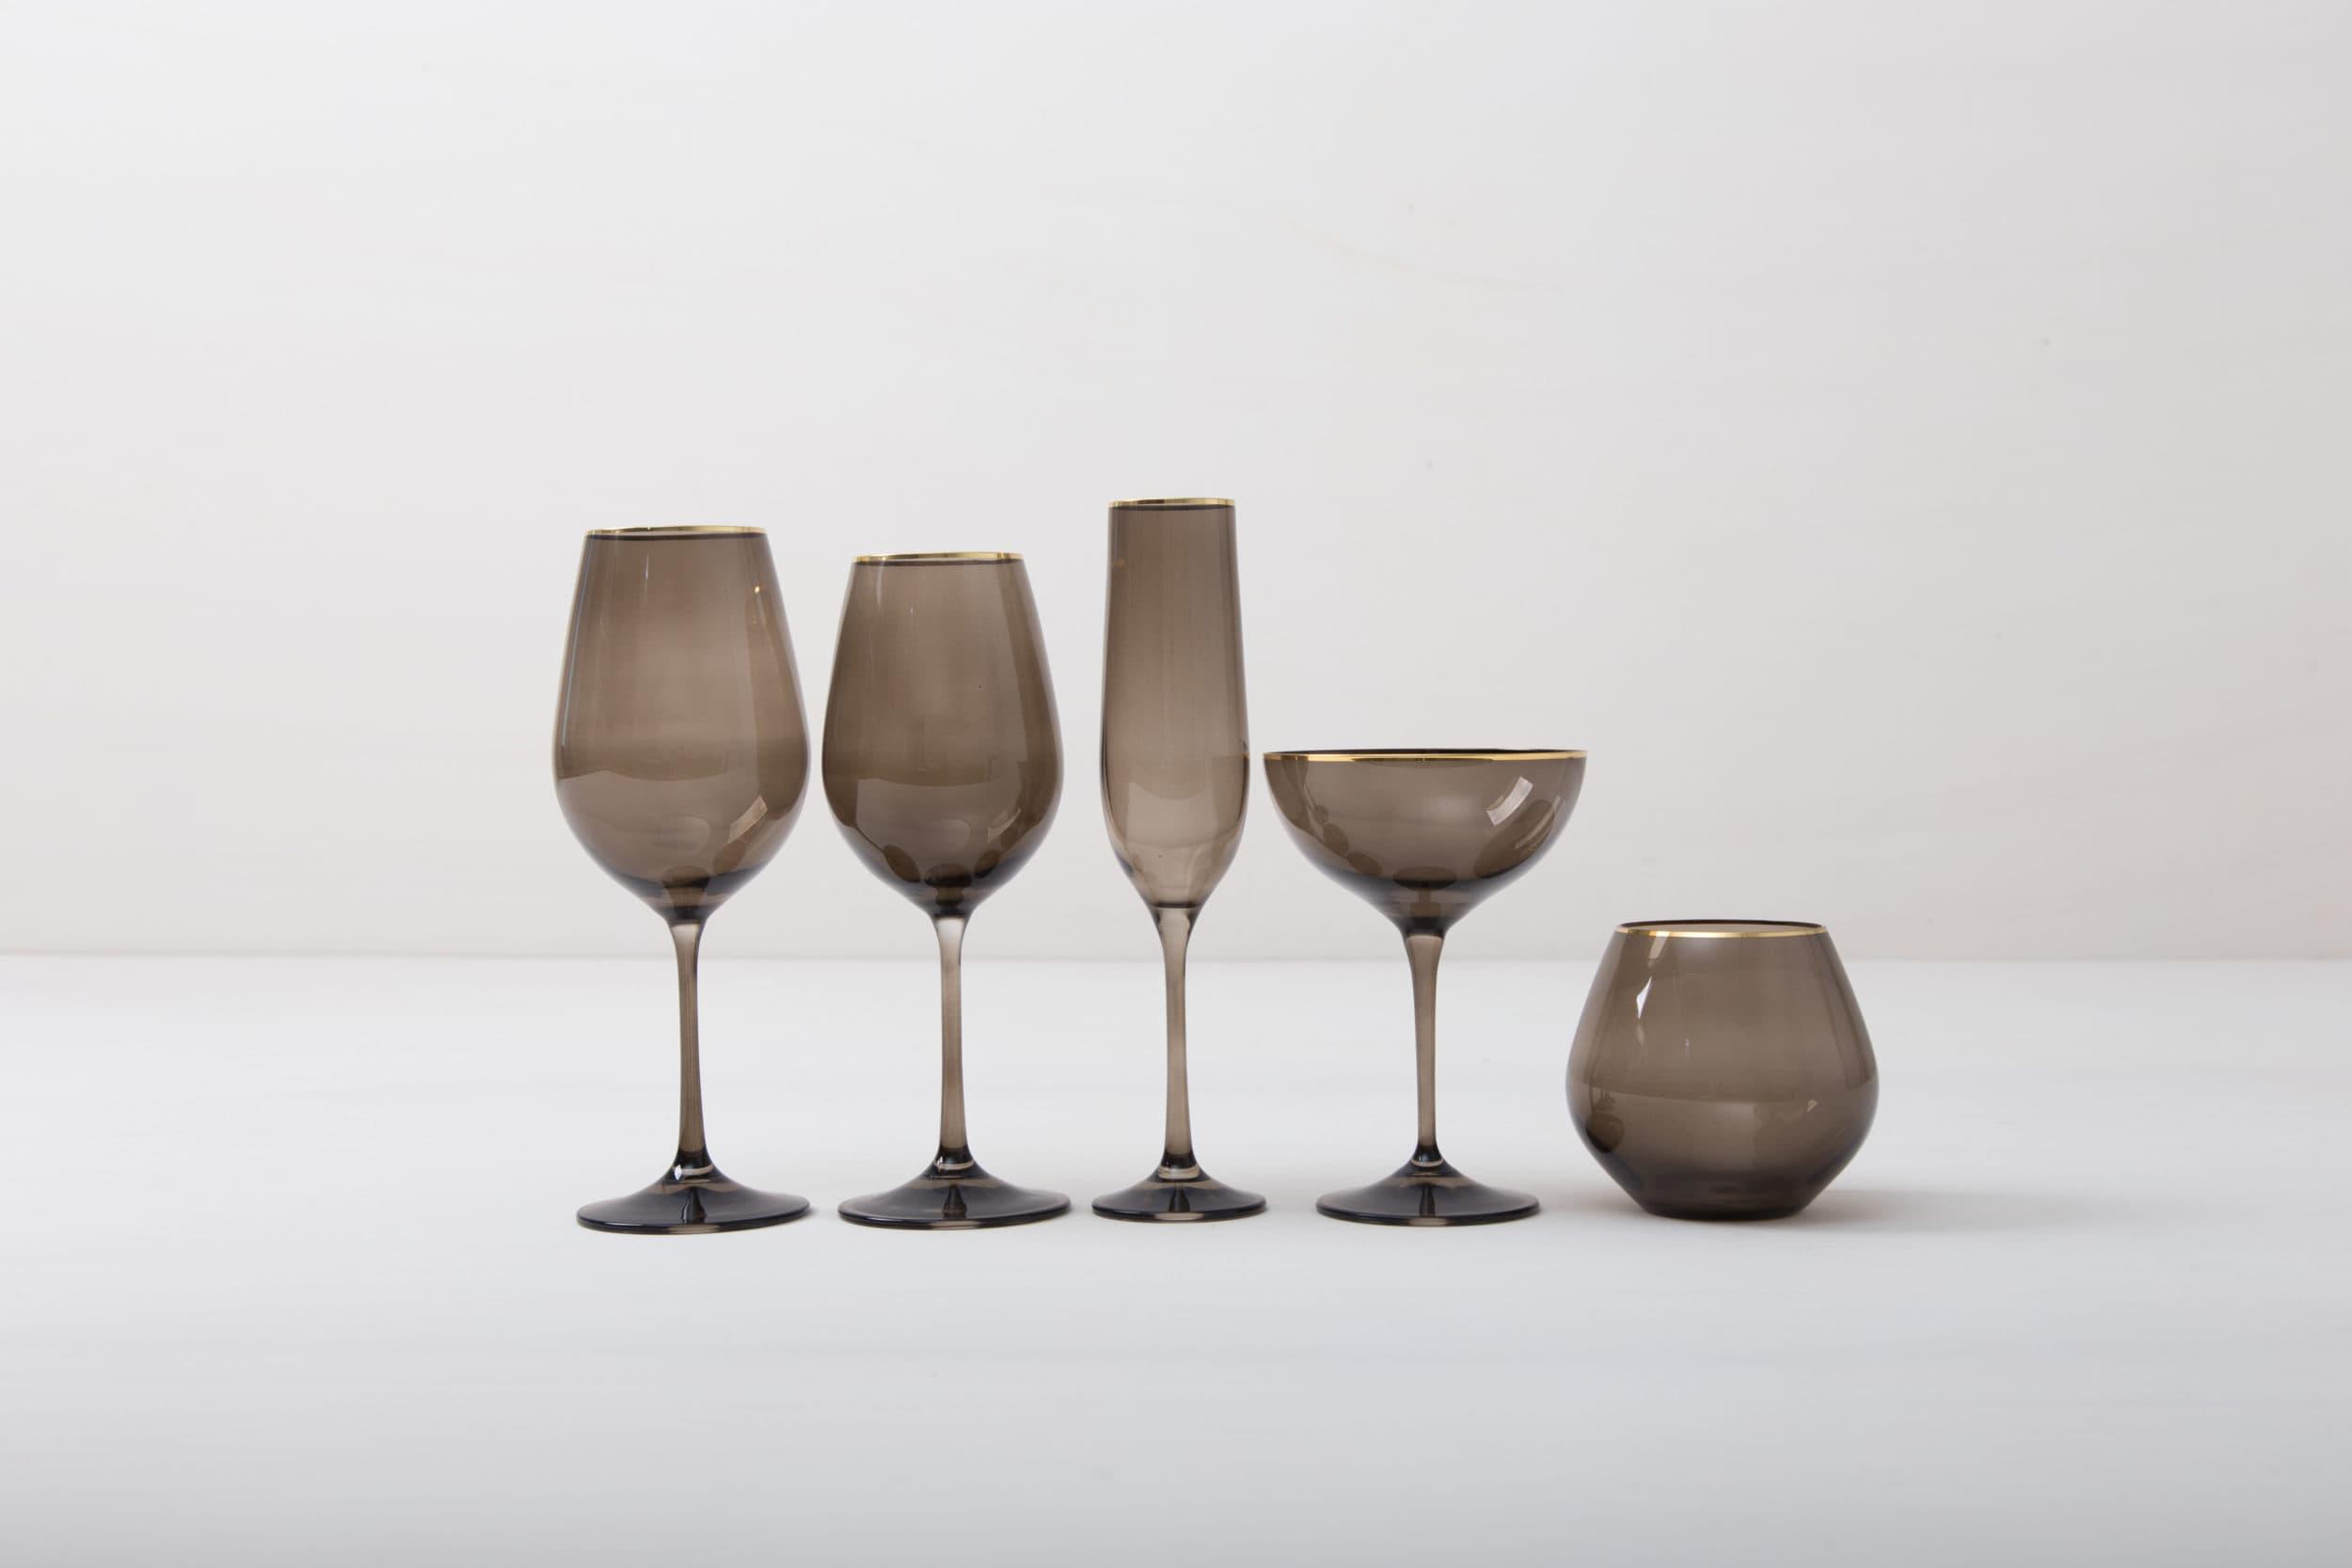 Champagnerschale Acadia Smoke Goldrand 21cl | Die Champagnerschale mit Goldrand und dem Rauchglas Look gibt jedem Dinner etwas Besonderes. Du kannst dieses Glas für Champagner oder für Cocktails nutzen. Natürlich kann man daraus auch einfach nur Sodawasser trinken. Die komplette Serie mit Rauchglaseffekt enthält, Wasserbecher, Weißweinglas, Rotweinglas, Sektglas, Champagnerschale. | gotvintage Rental & Event Design